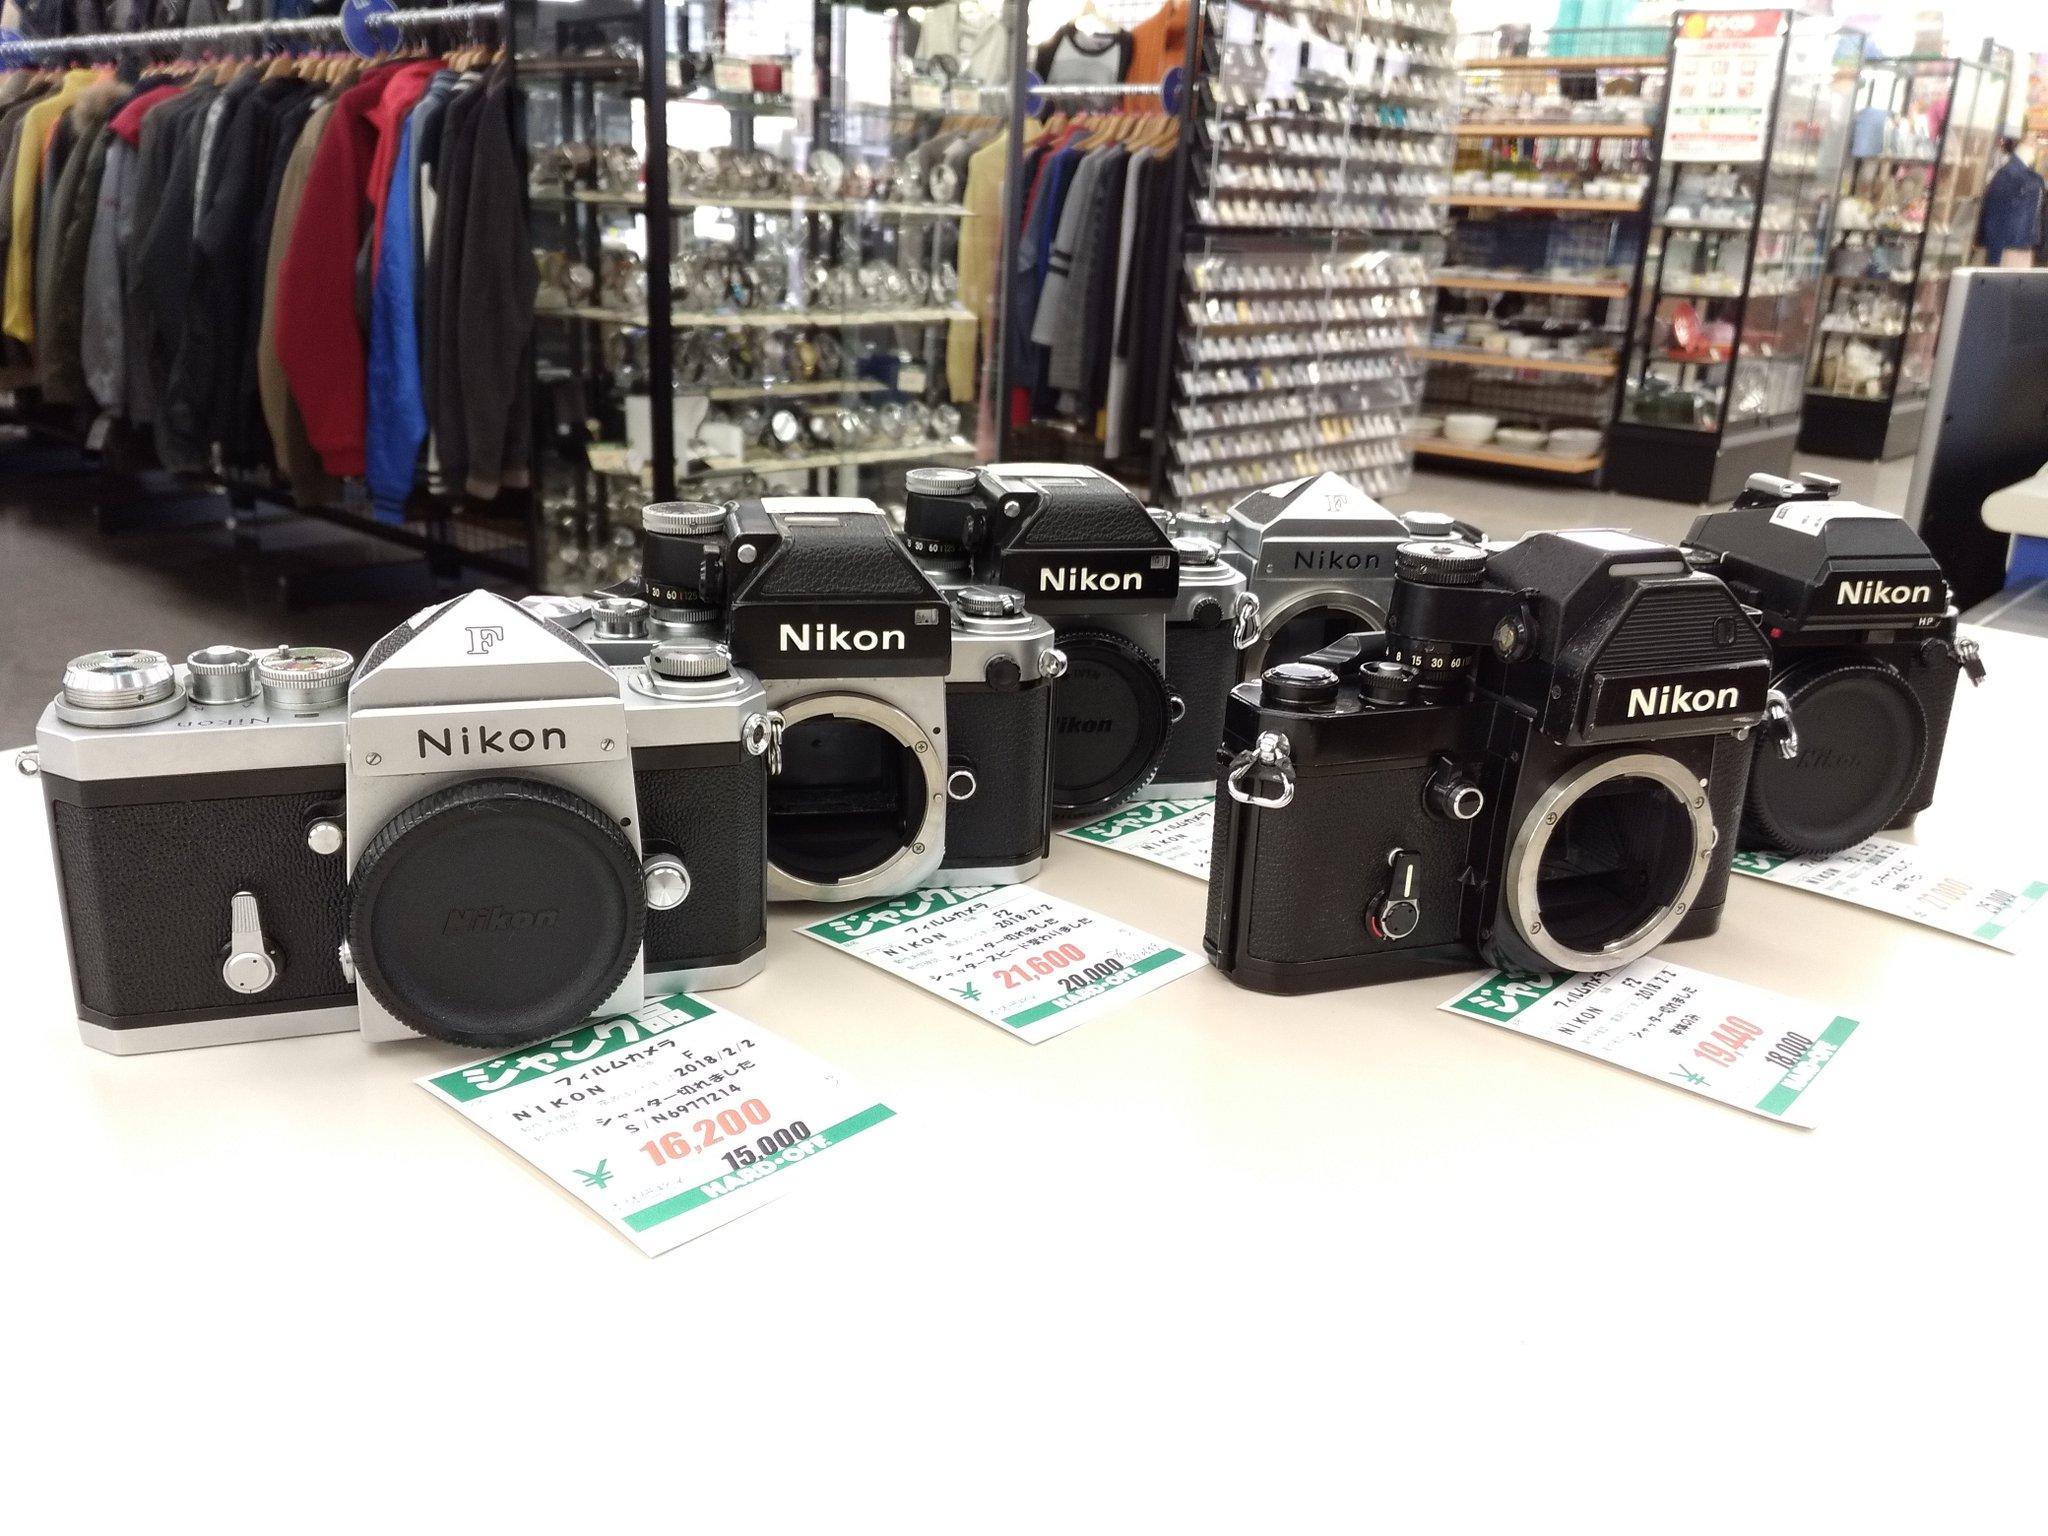 フィルムカメラ大量入荷☺